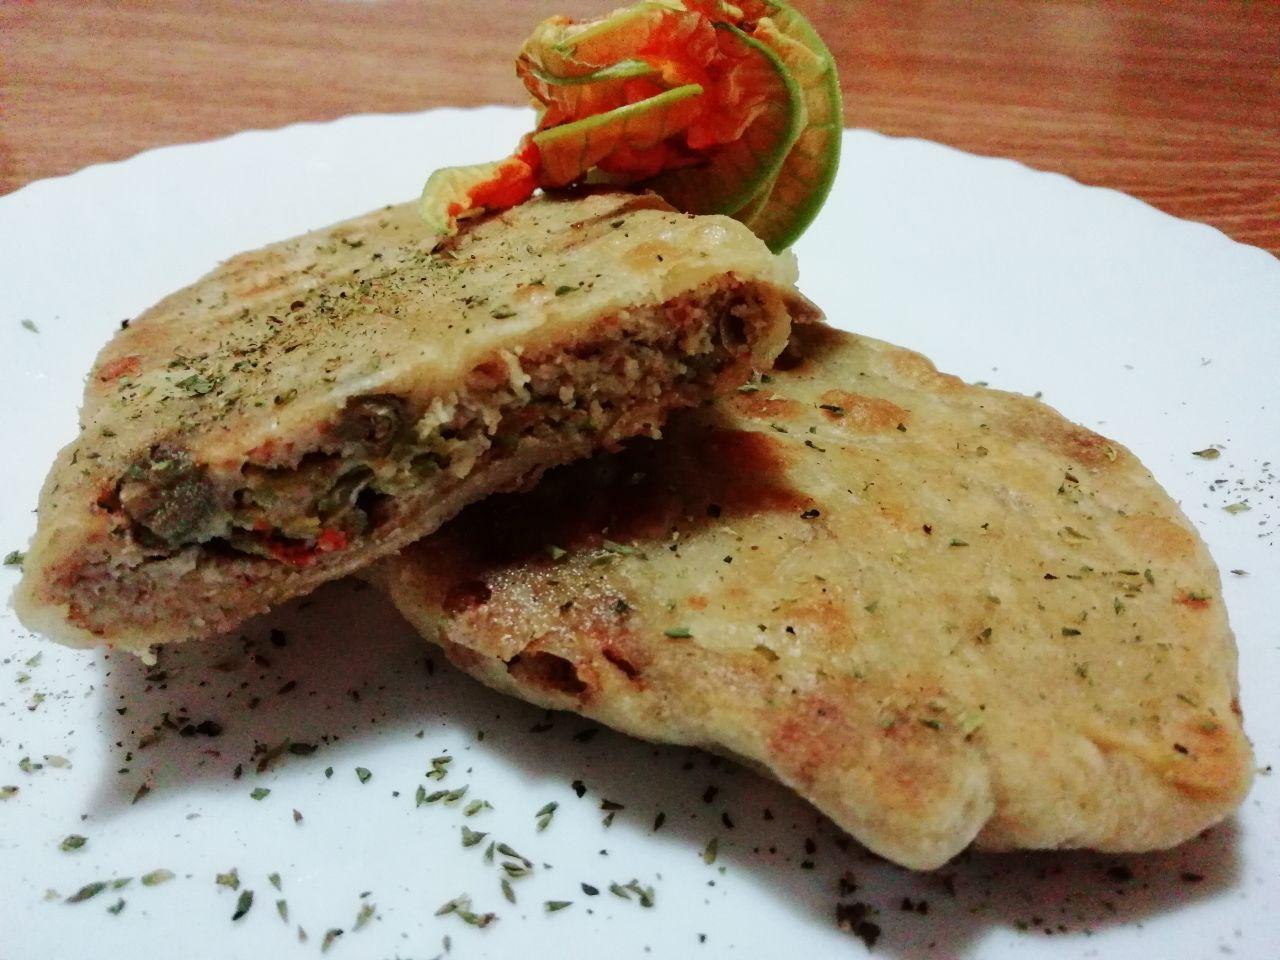 Antipasti primaverili: strudel salato ai fiori di zucchina, senza formaggio e senza burro!